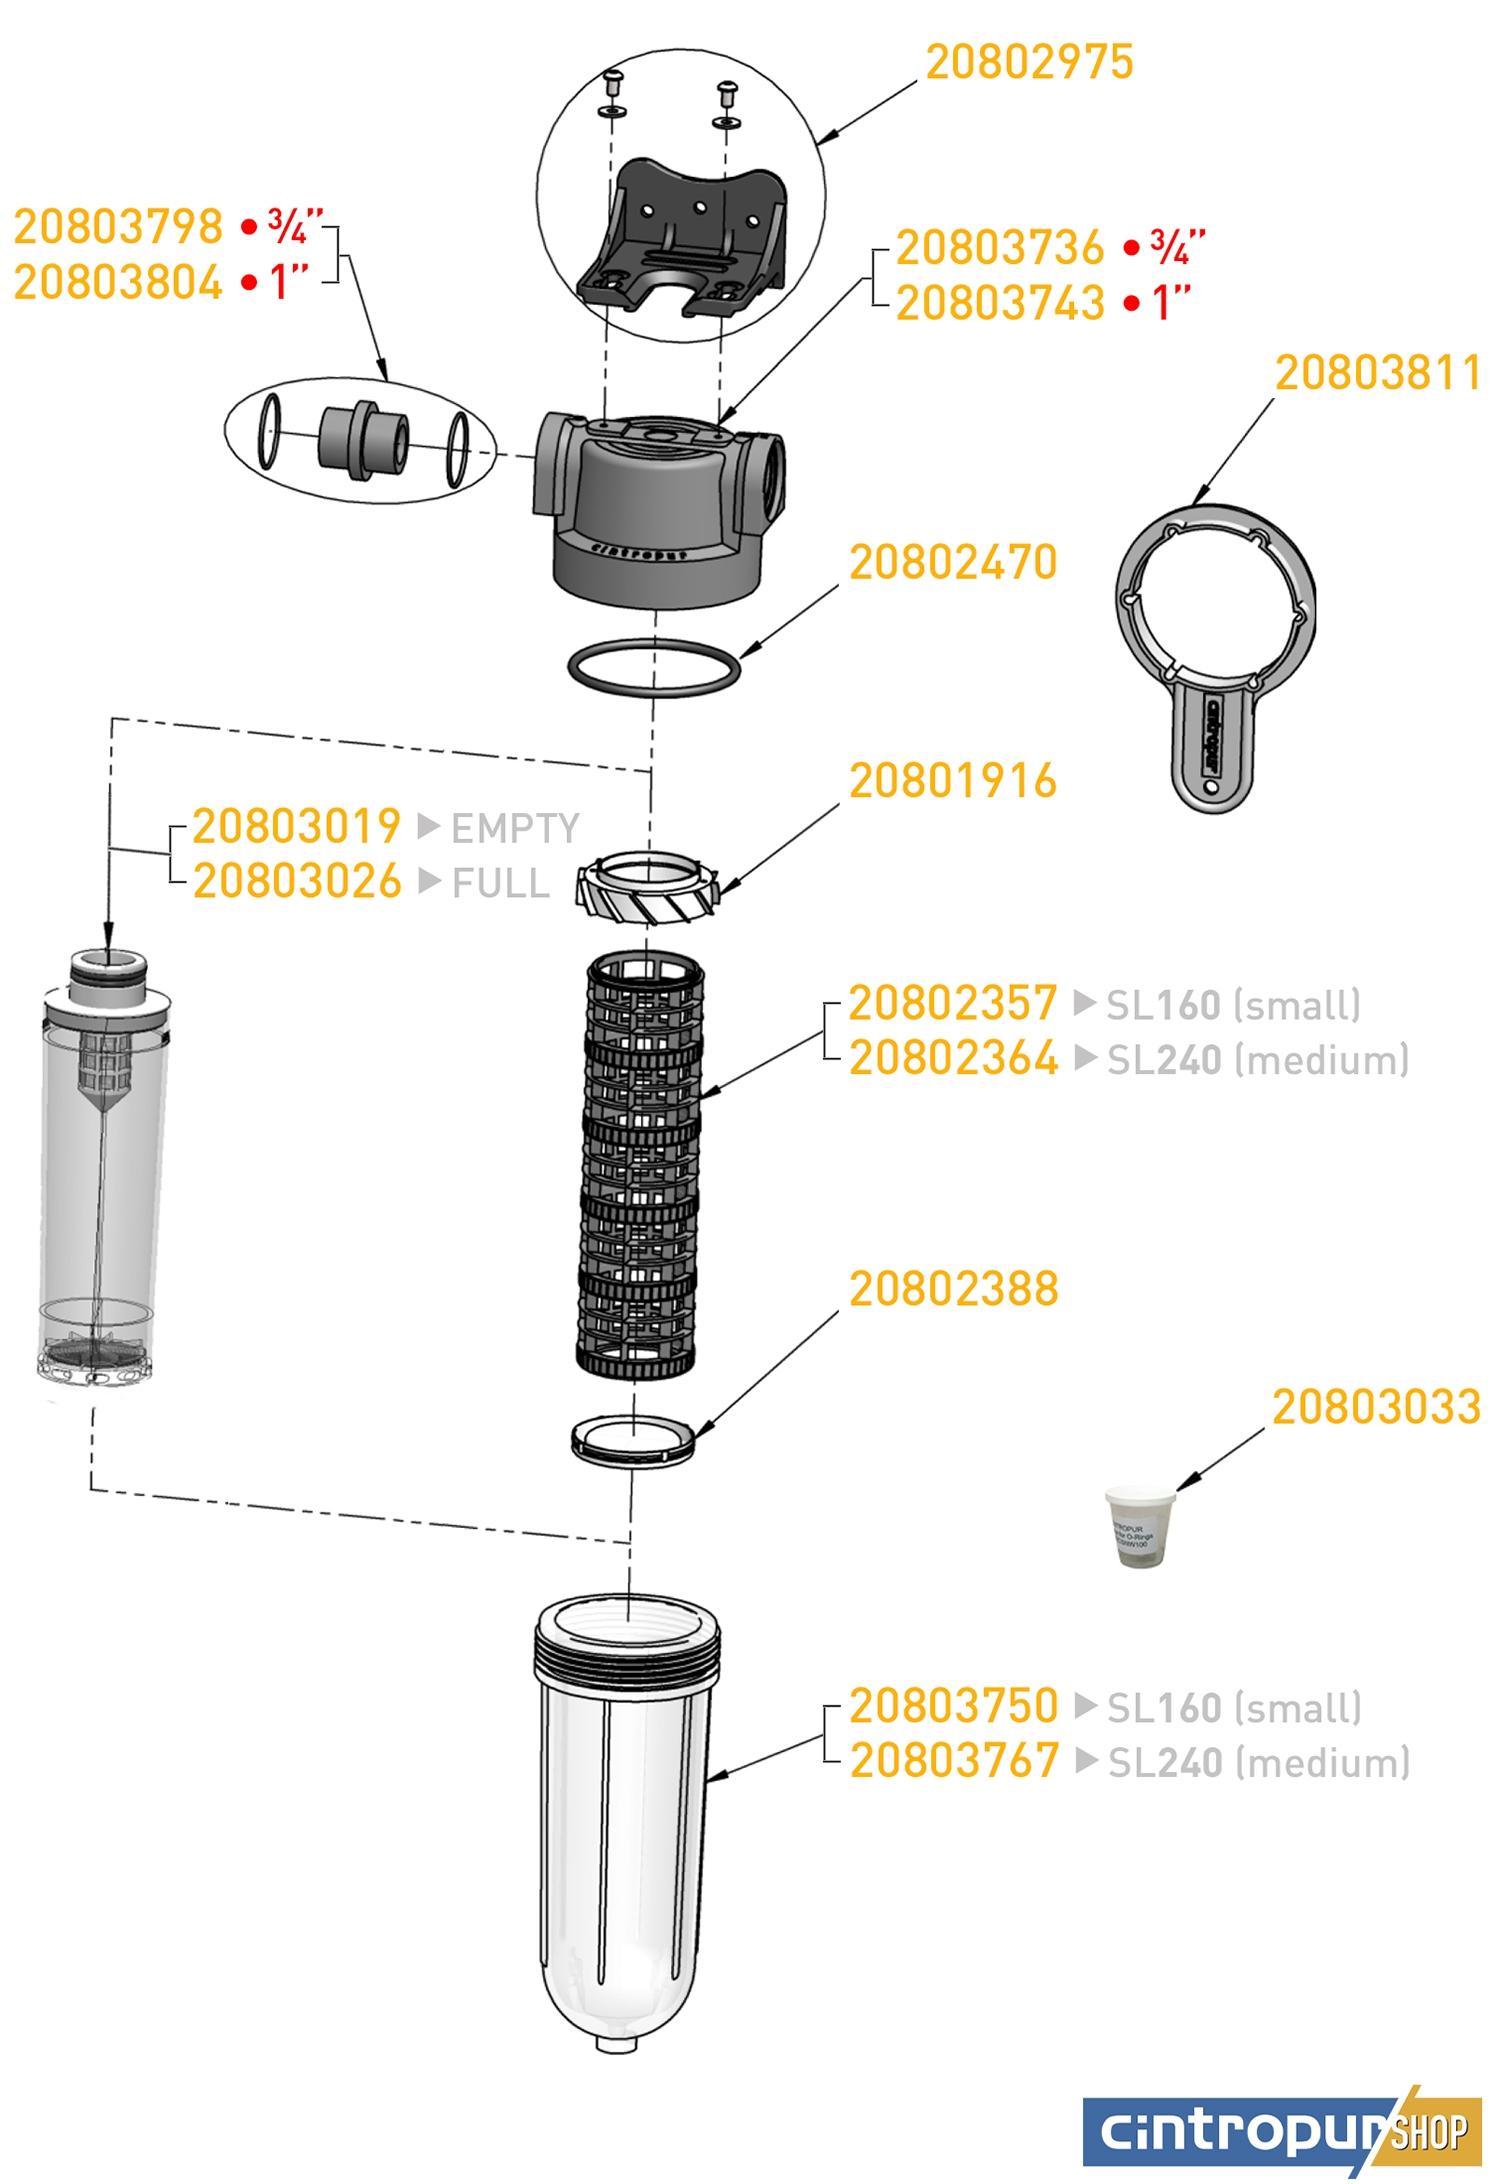 Dessin des pièces détachées Cintropur de la gamme Smart Line avec code UGS